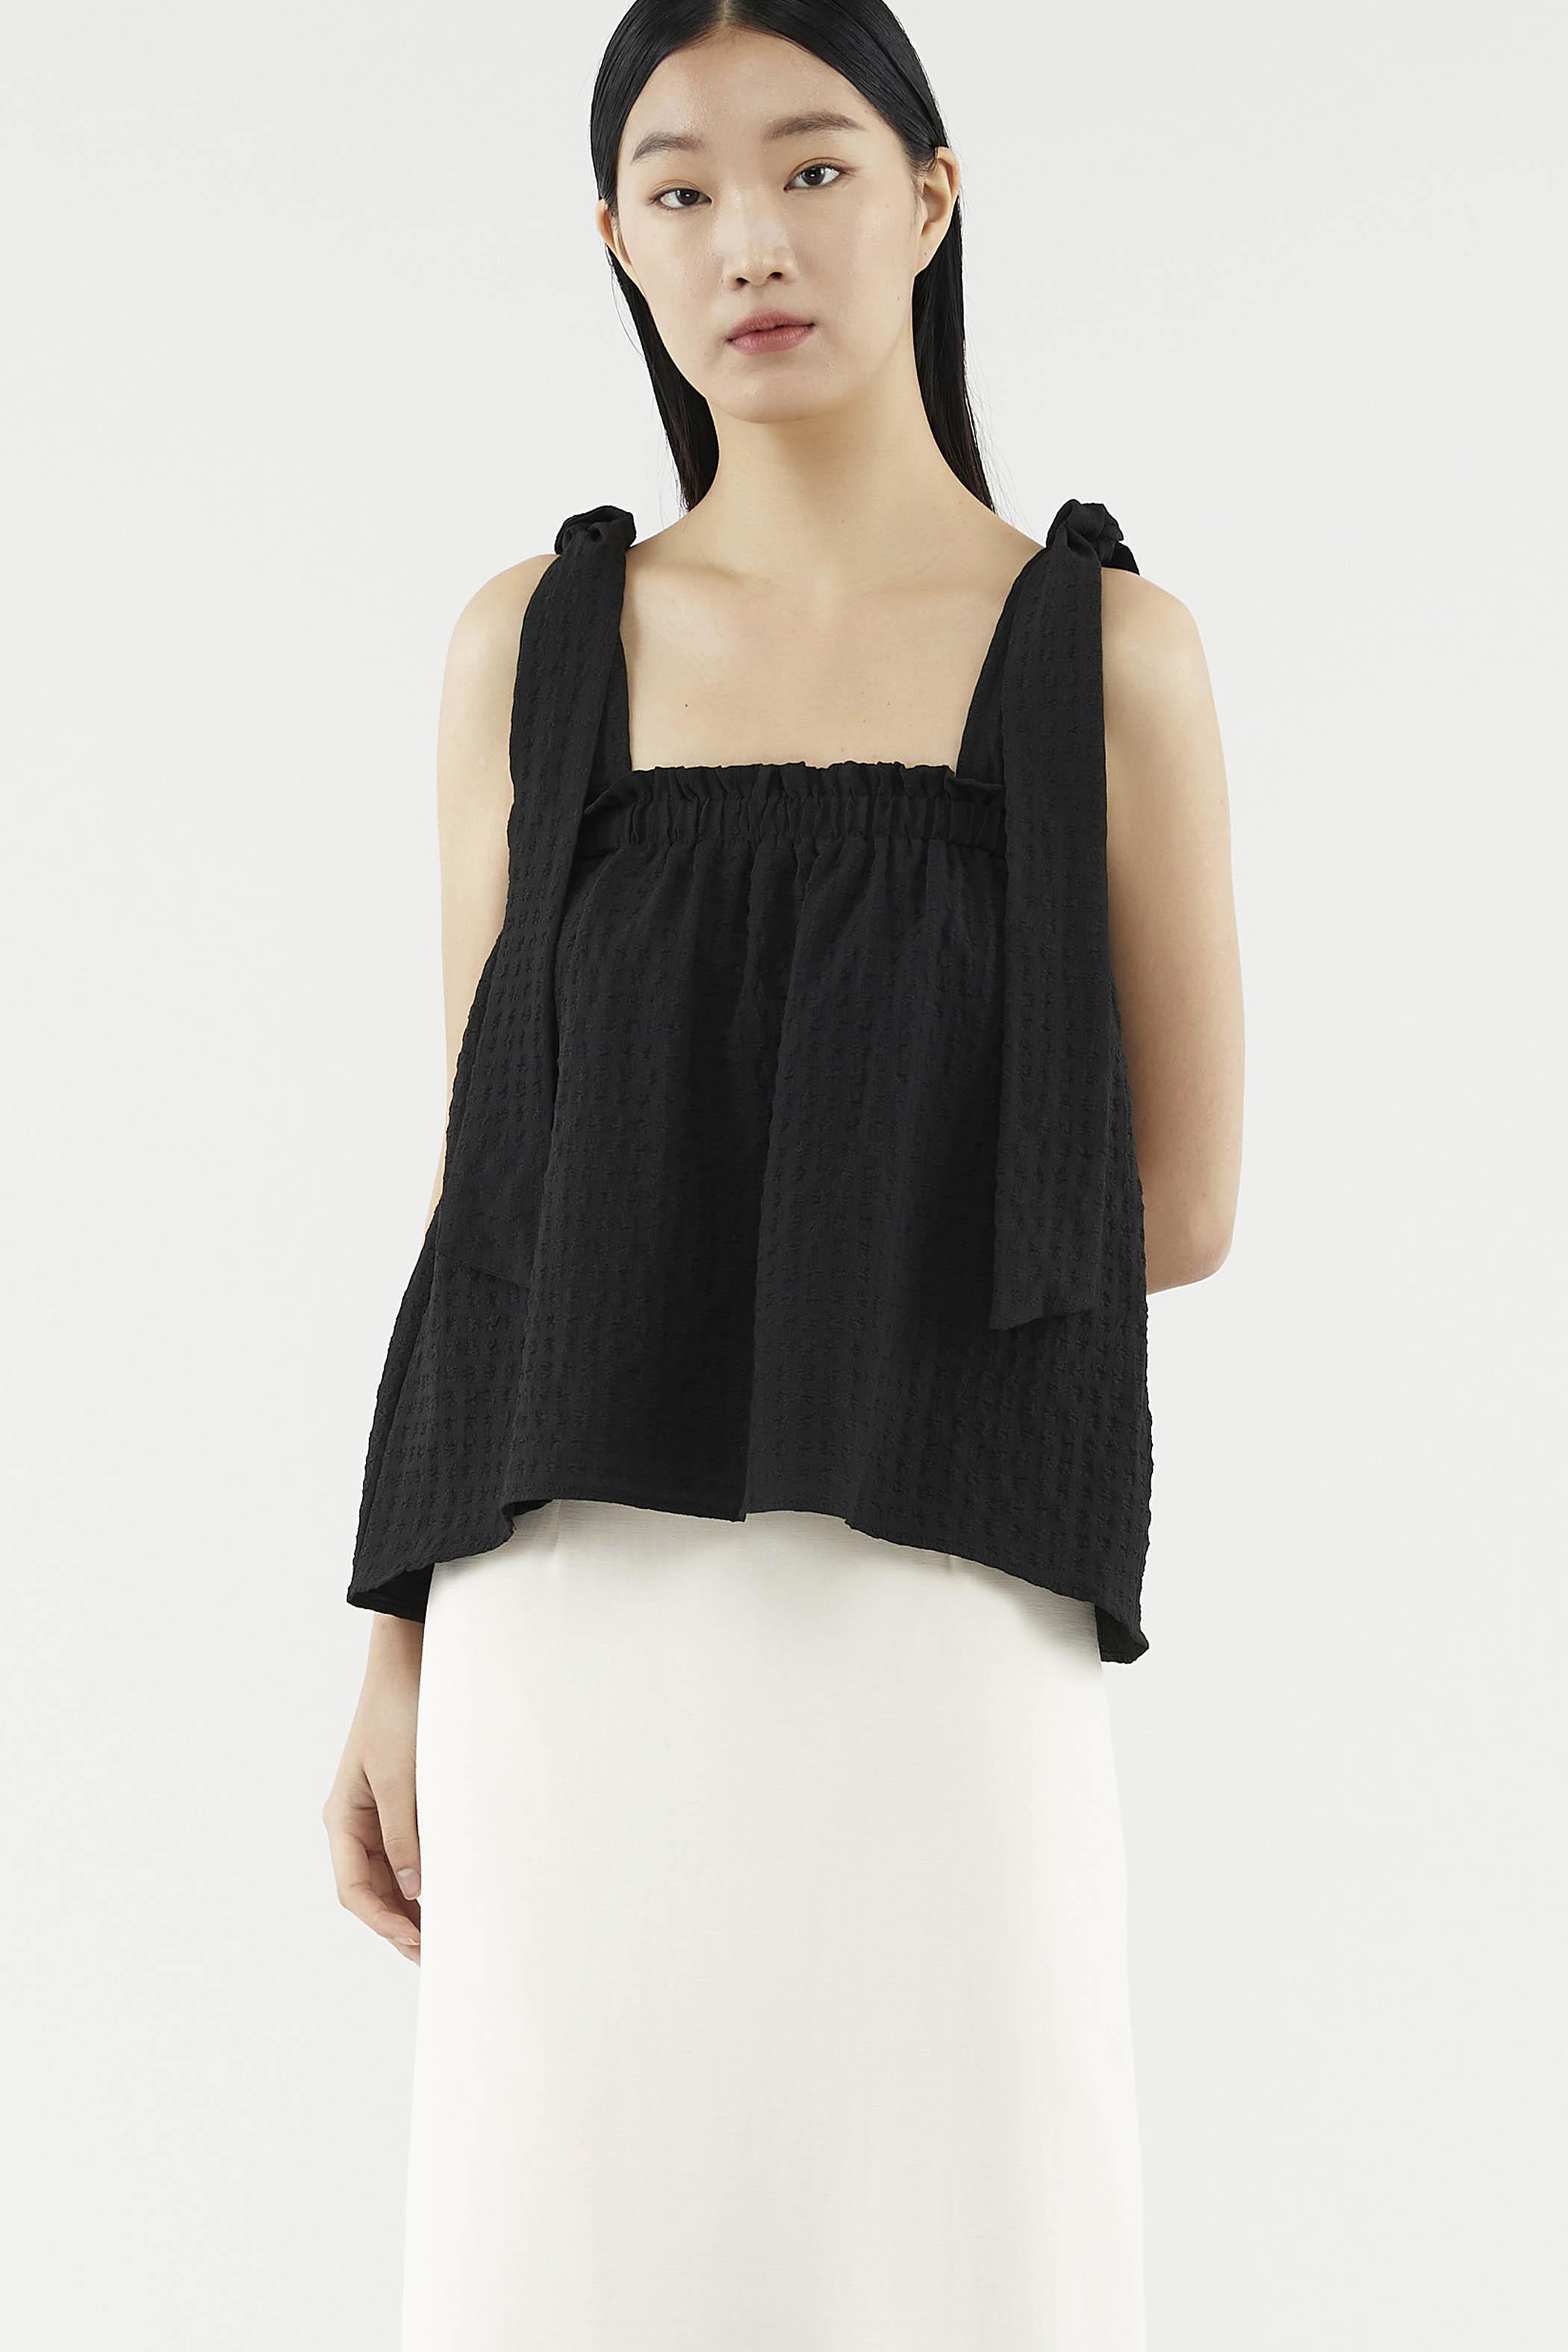 Effie Square-neck Top